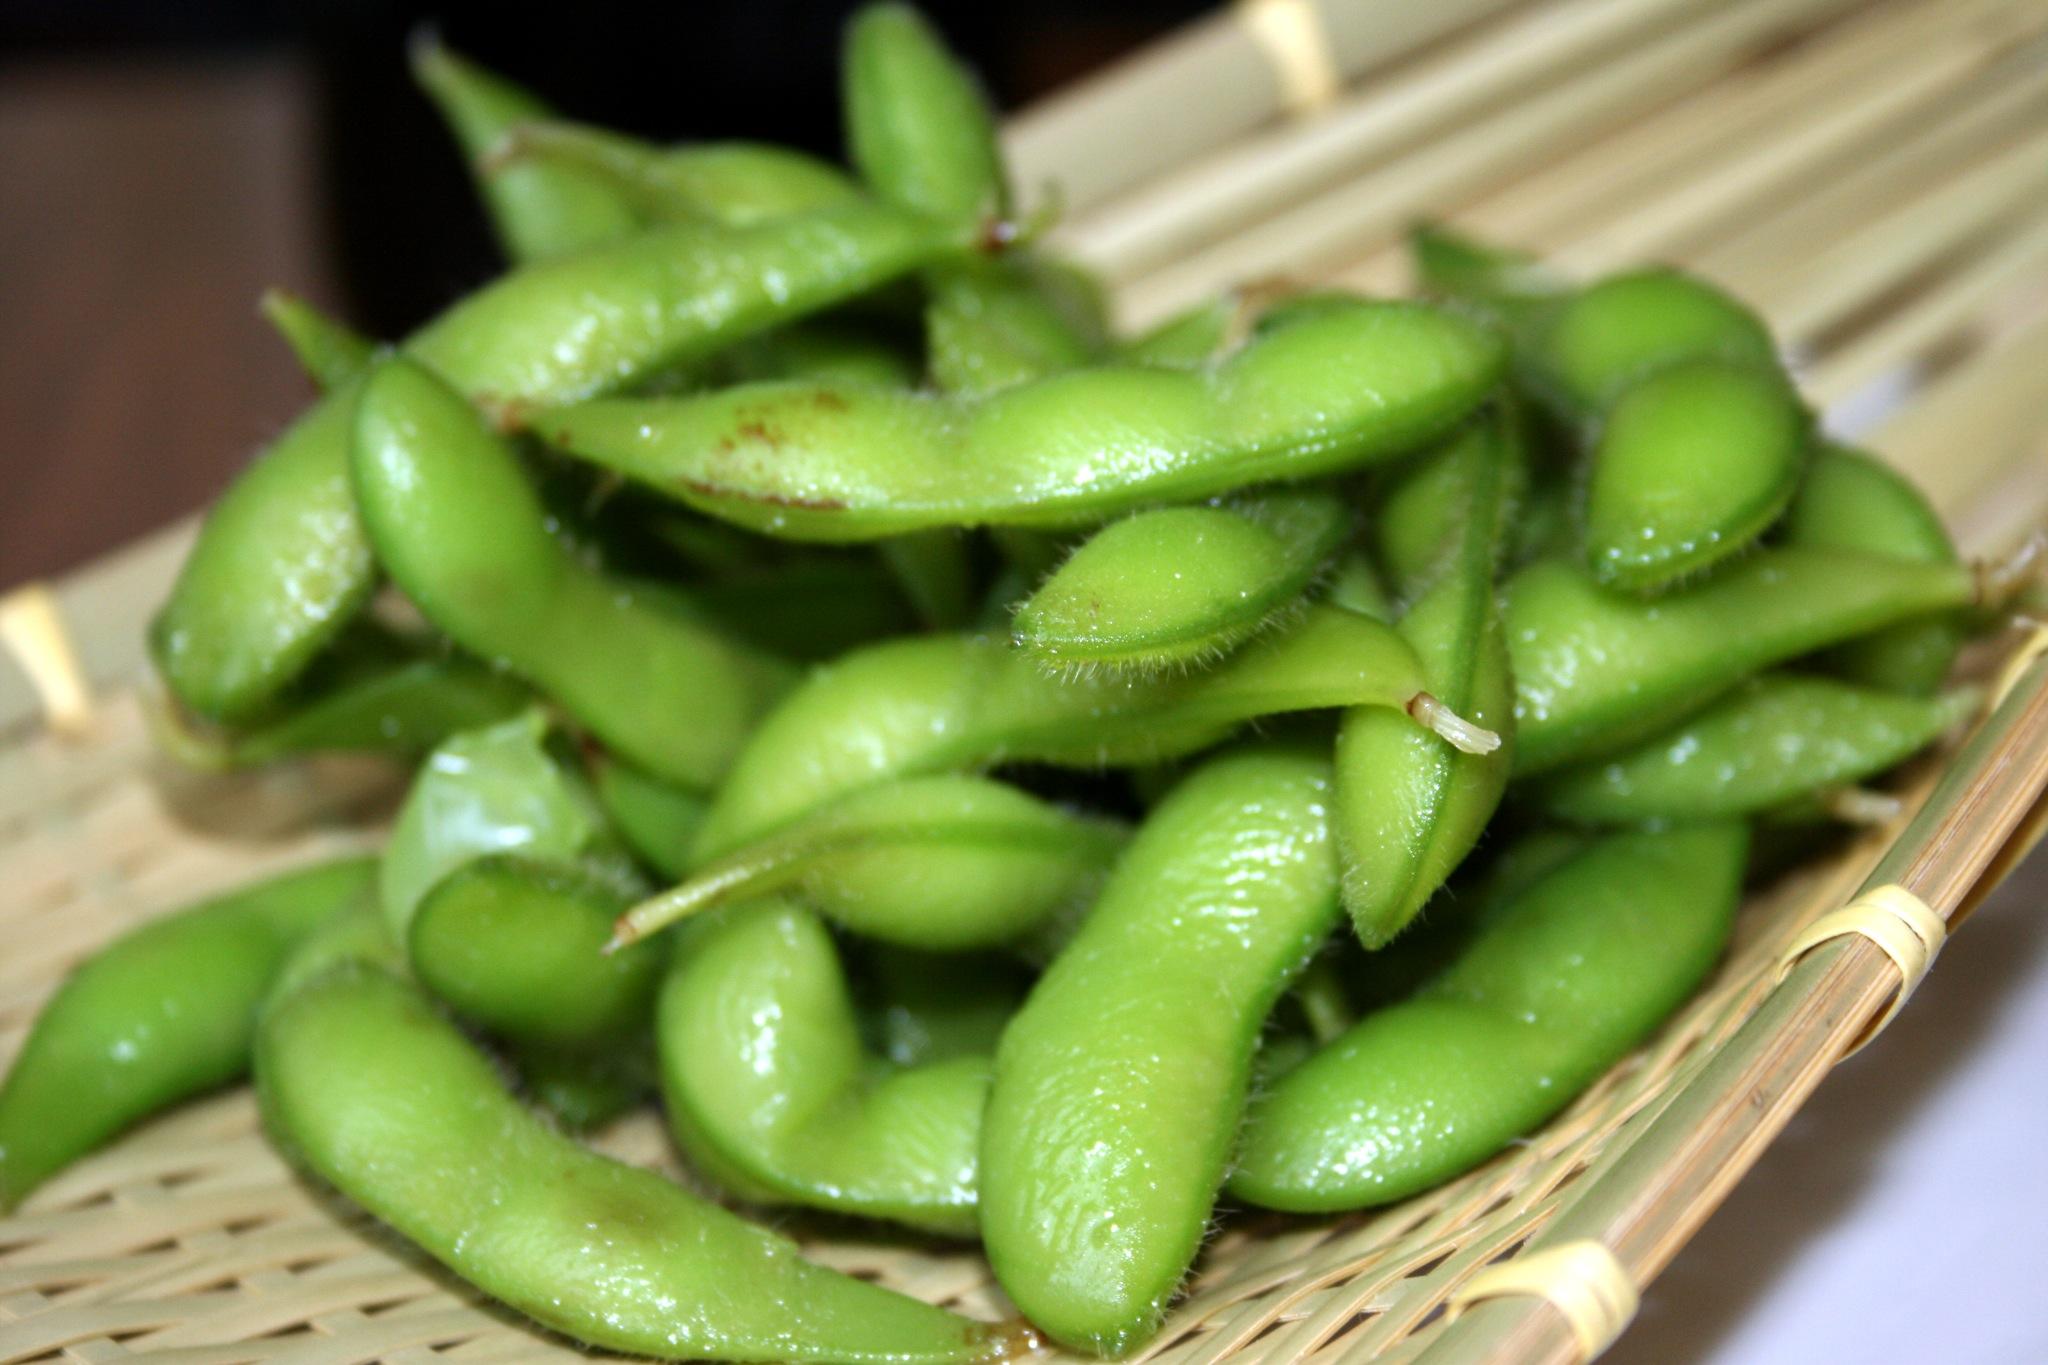 枝豆の保存方法、どうしてる?枝豆の選び方と保存方法についてのサムネイル画像